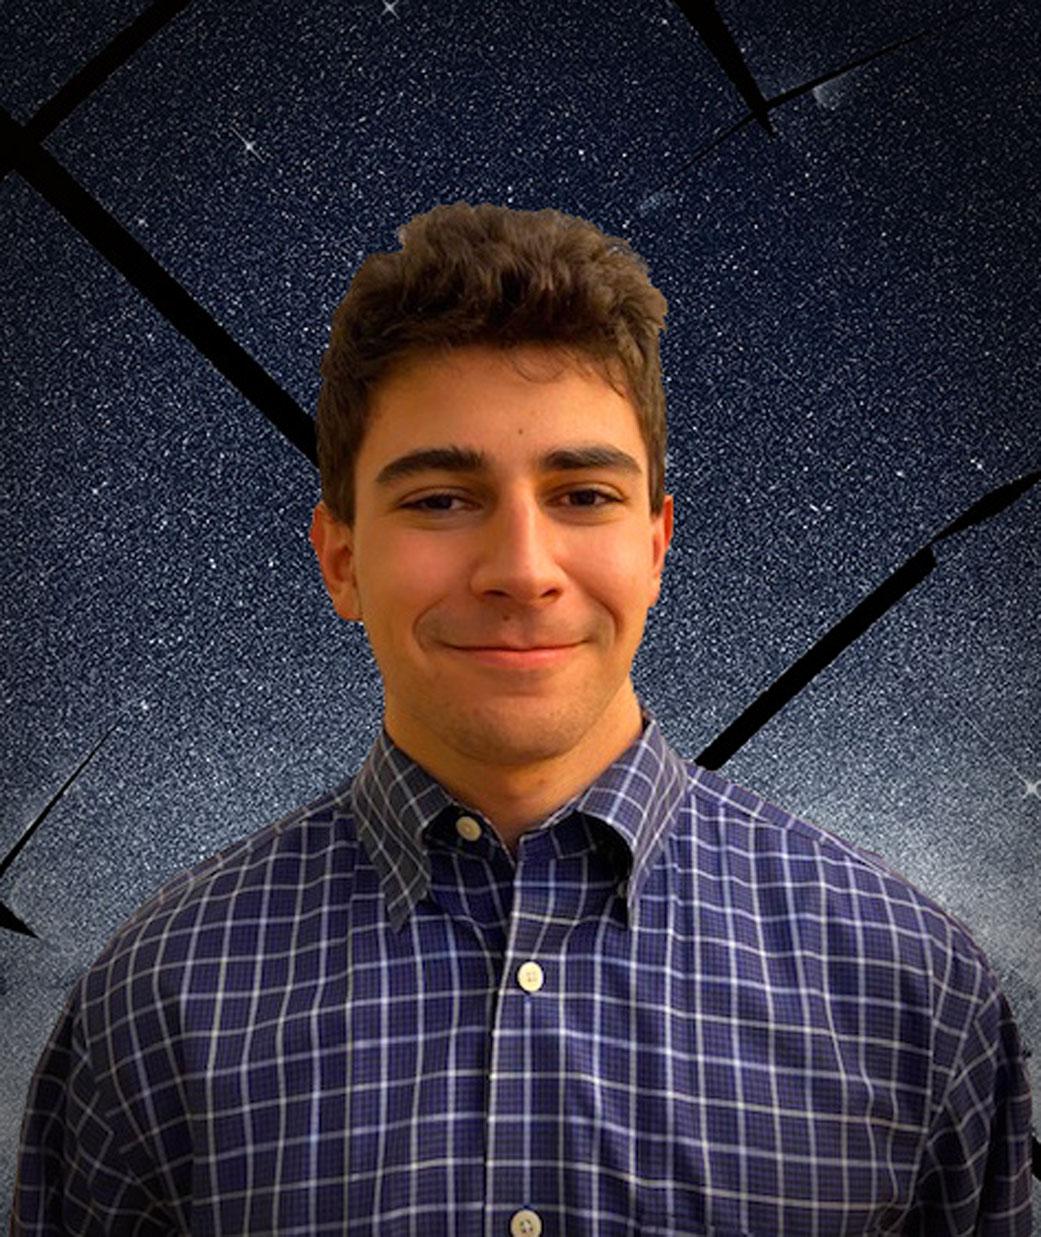 Intern Adam Freidman standing in front of a TESS image